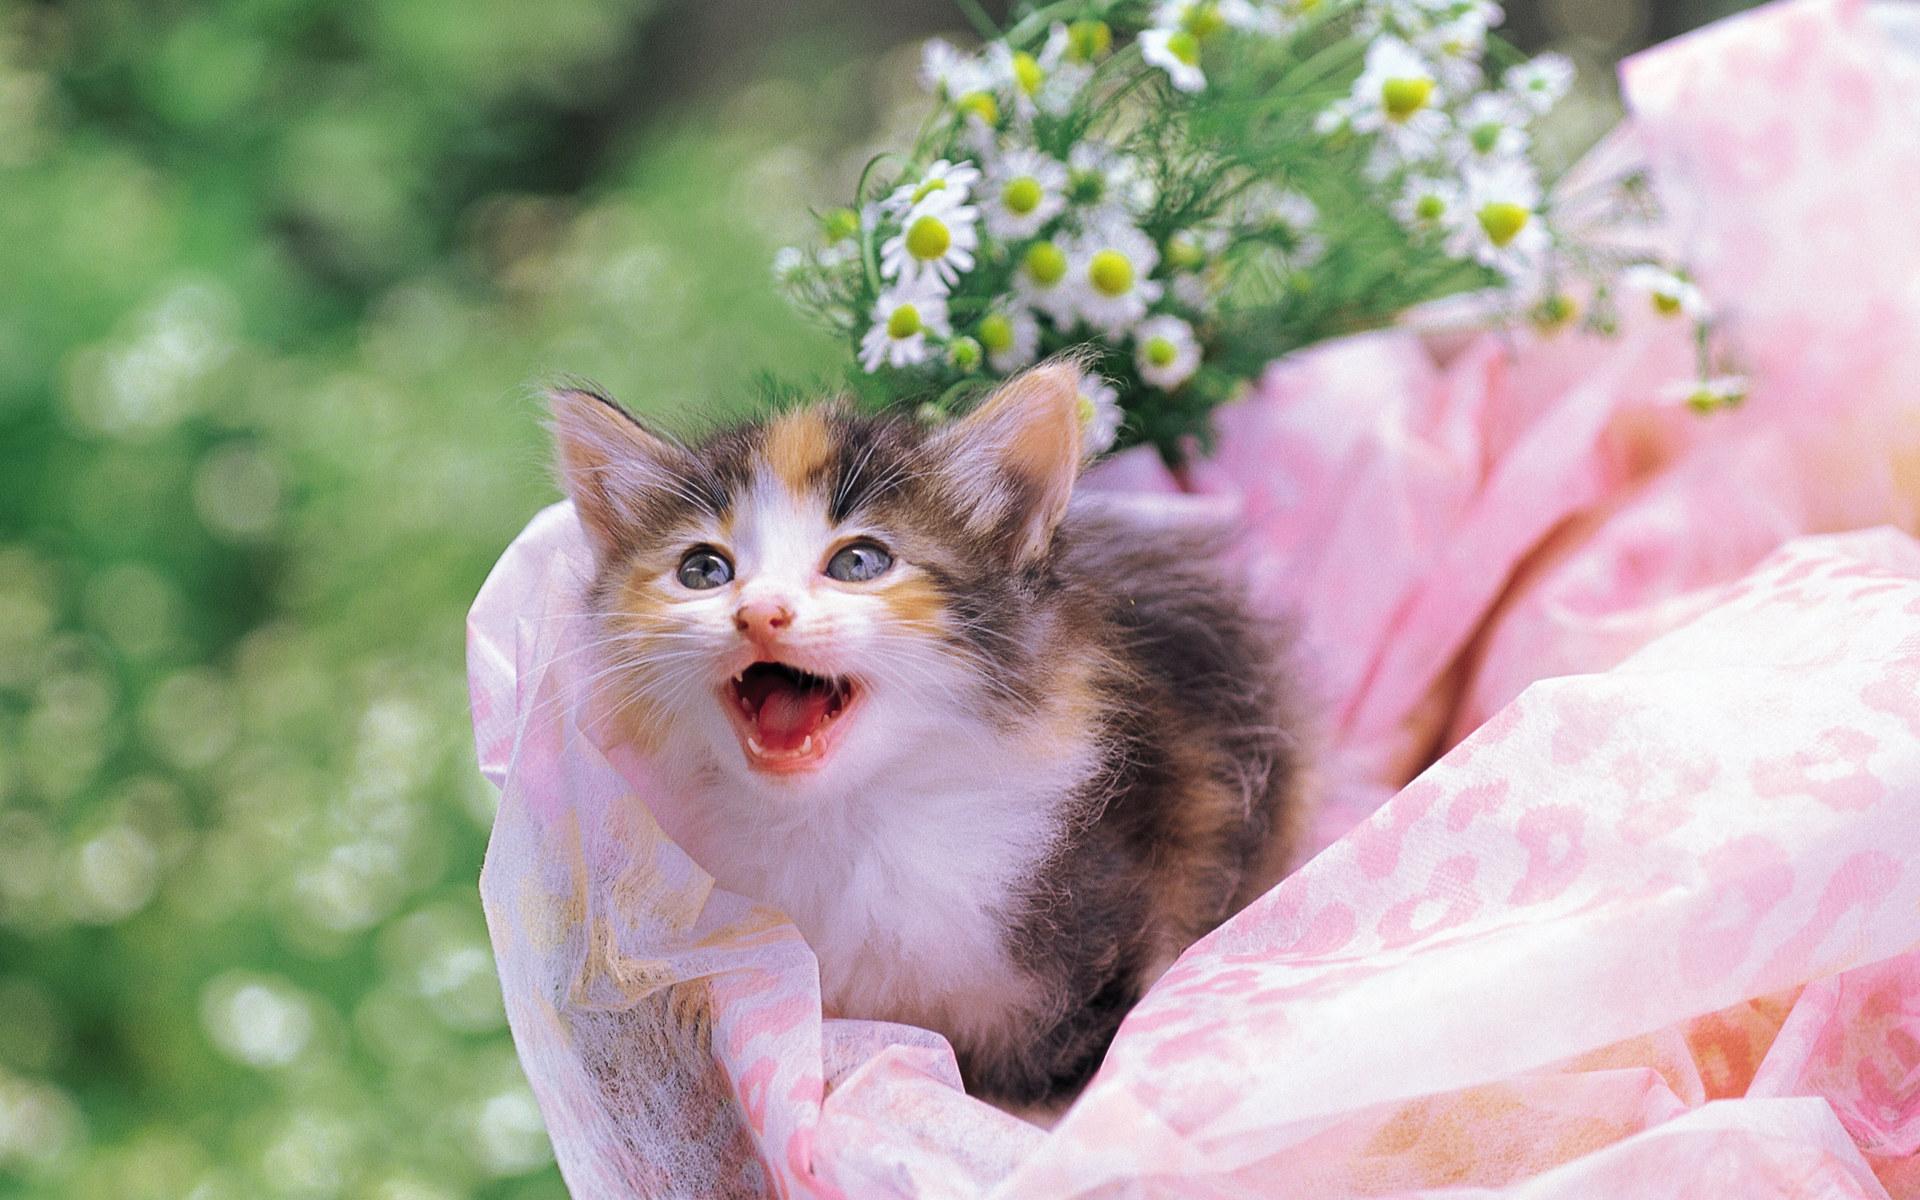 Little kitten in wooden box  Lovely Kittens Photo 1920